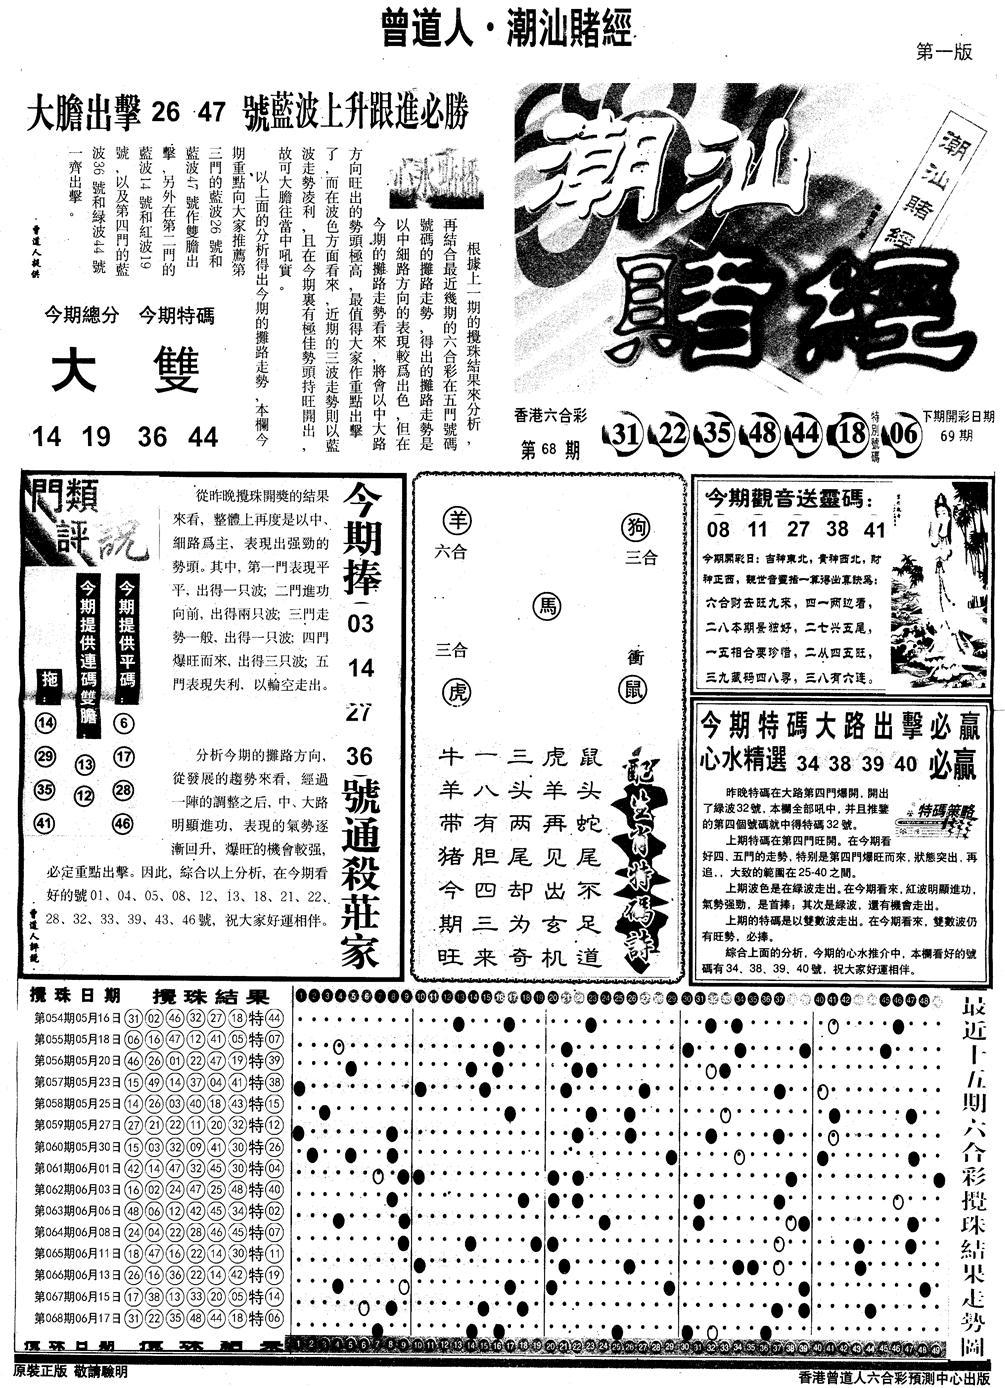 069期另版潮汕赌经A(黑白)